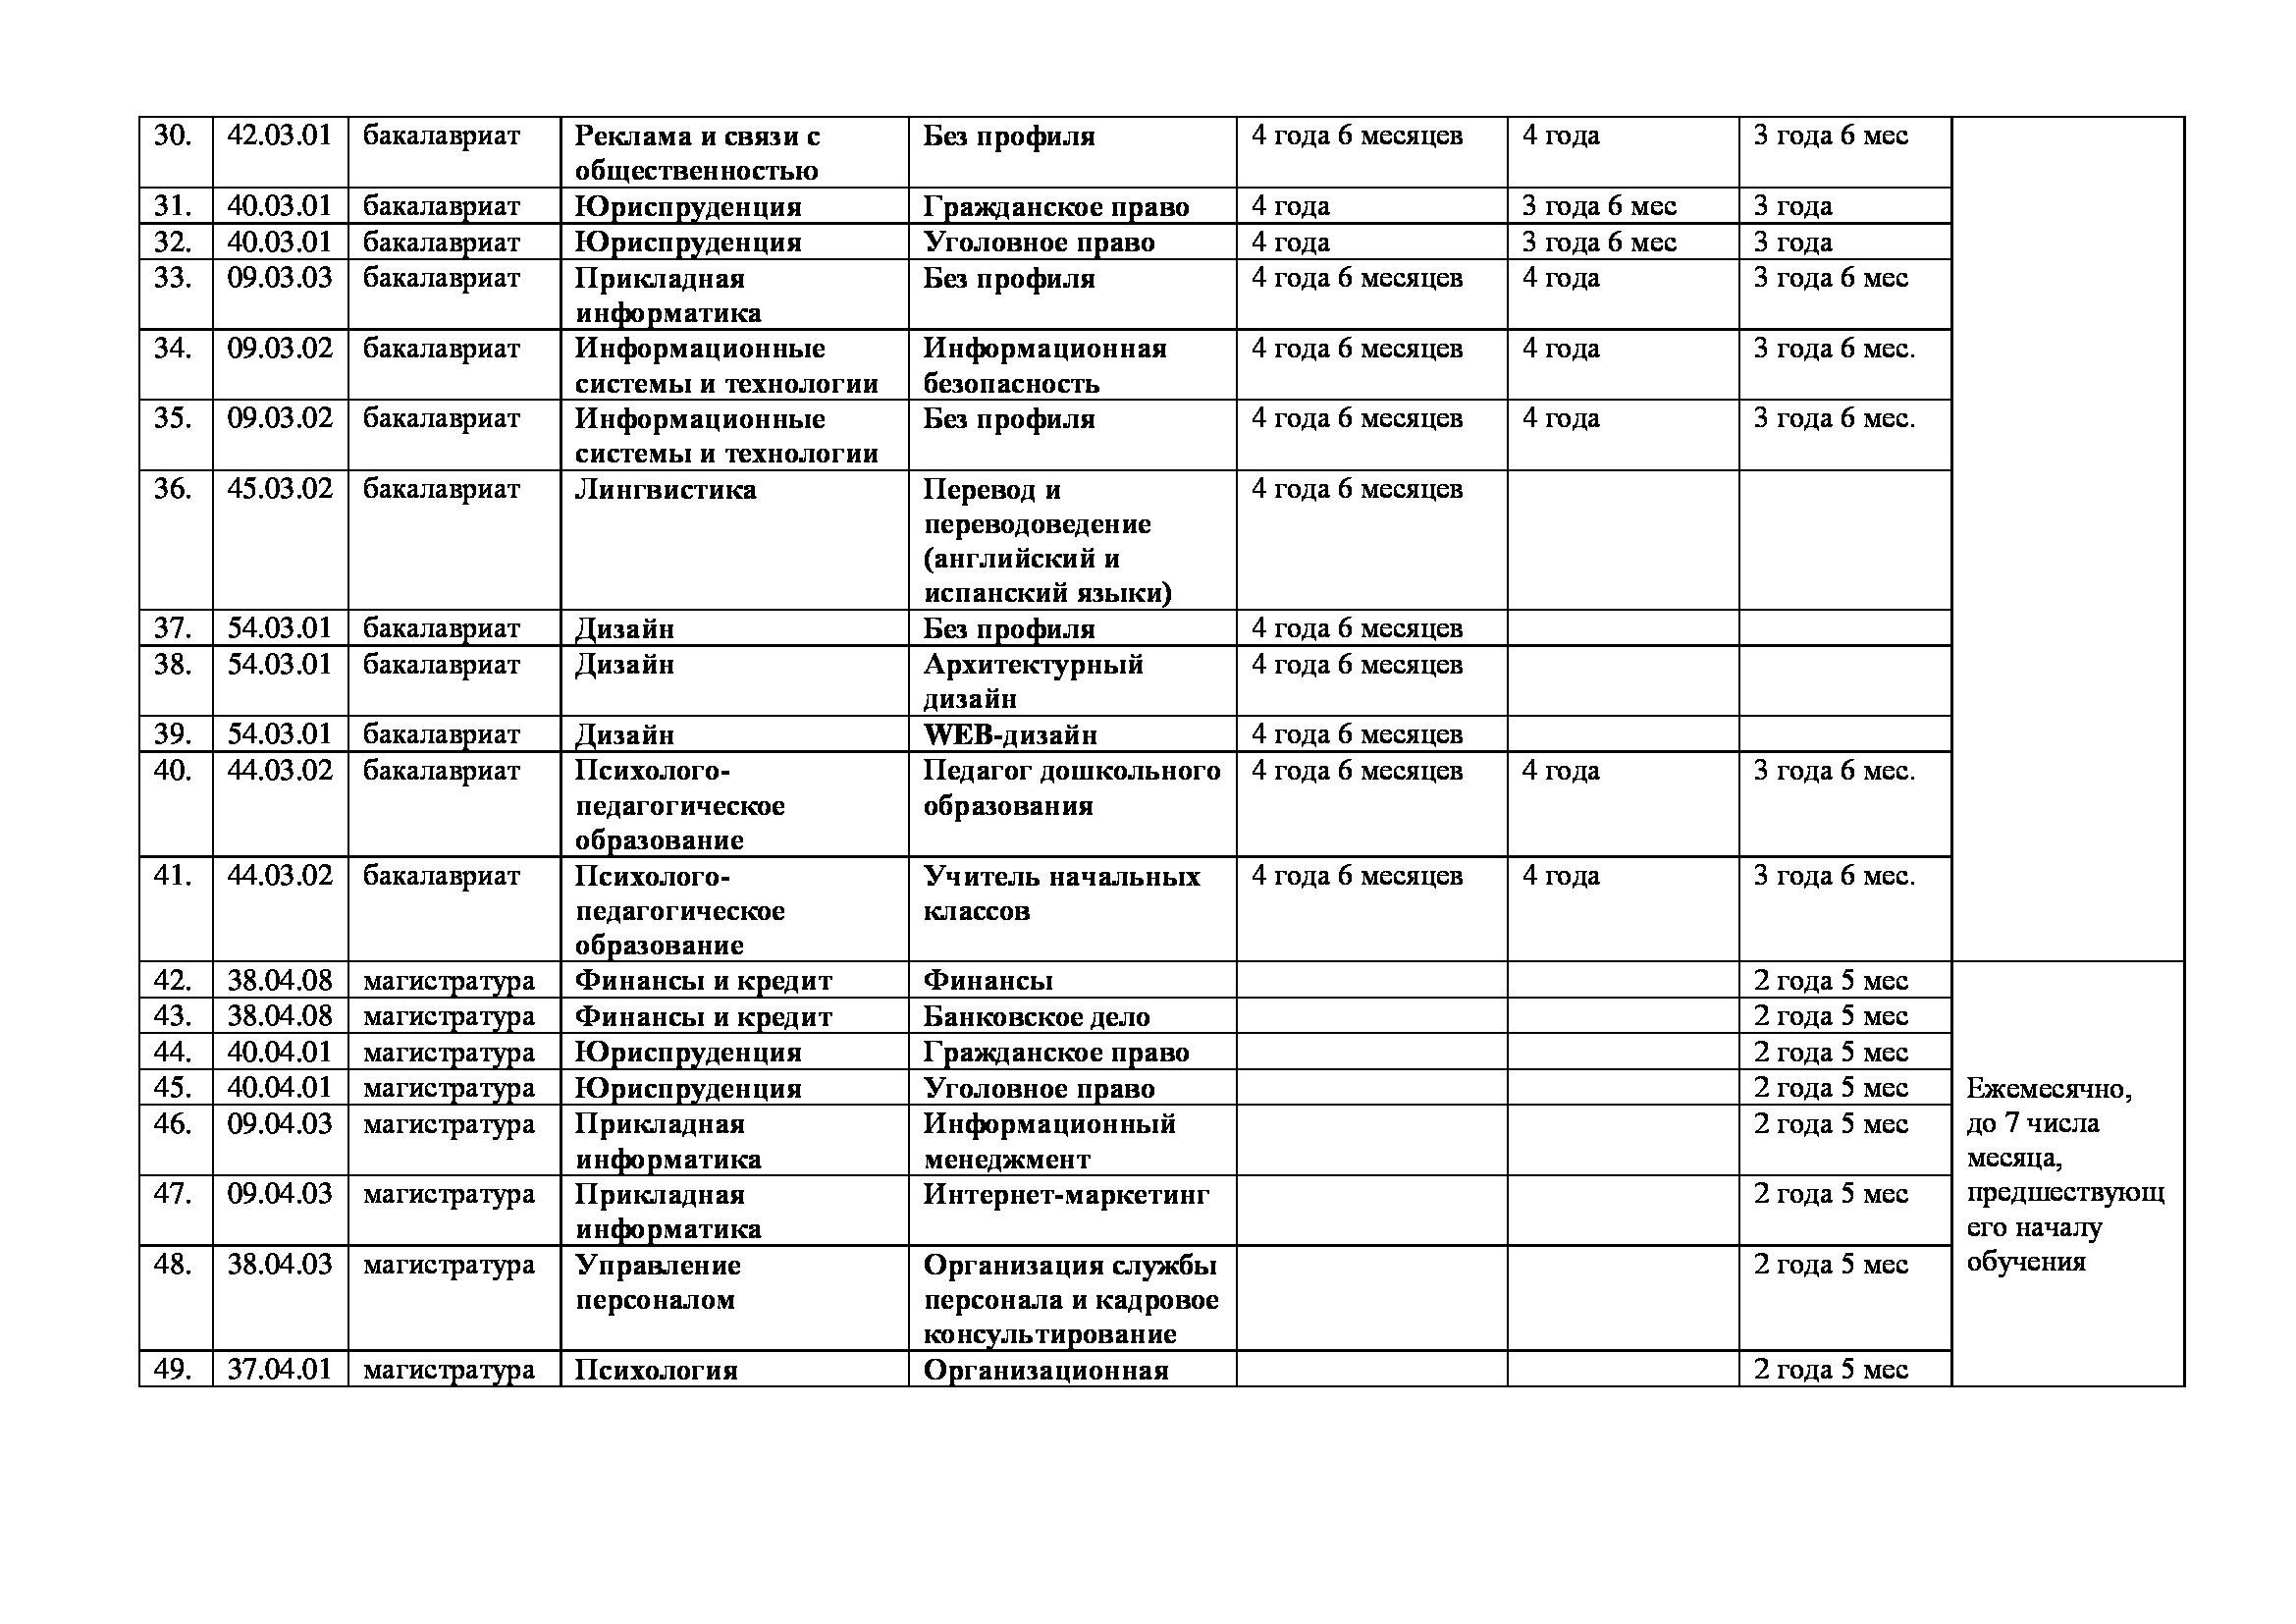 Программы для дистанционного обучения скачать